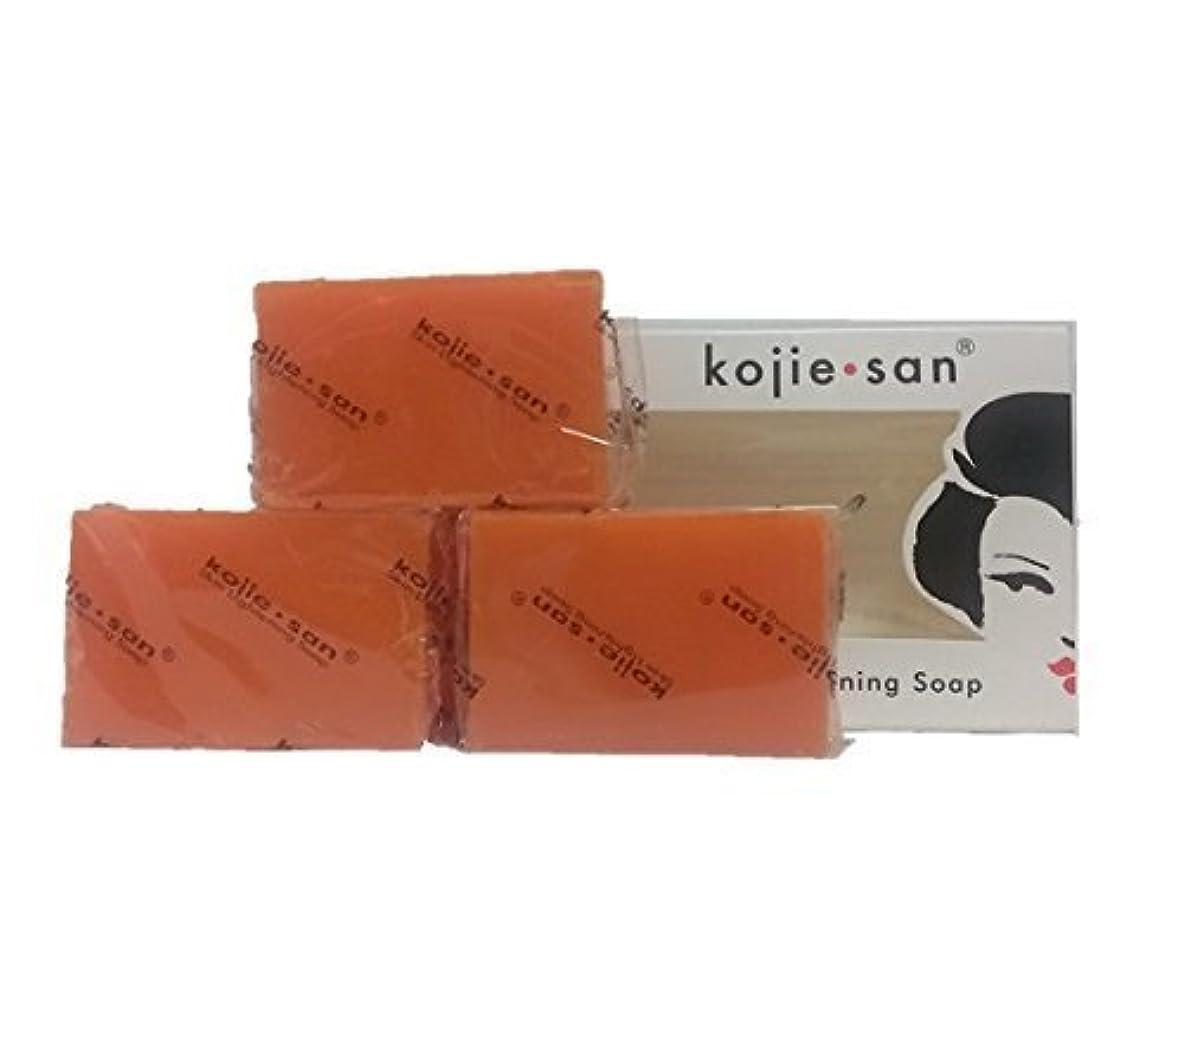 気絶させる給料エジプト人Kojie san Skin Lightning Soap 3 pcs こじえさんスキンライトニングソープ3個パック [並行輸入品]